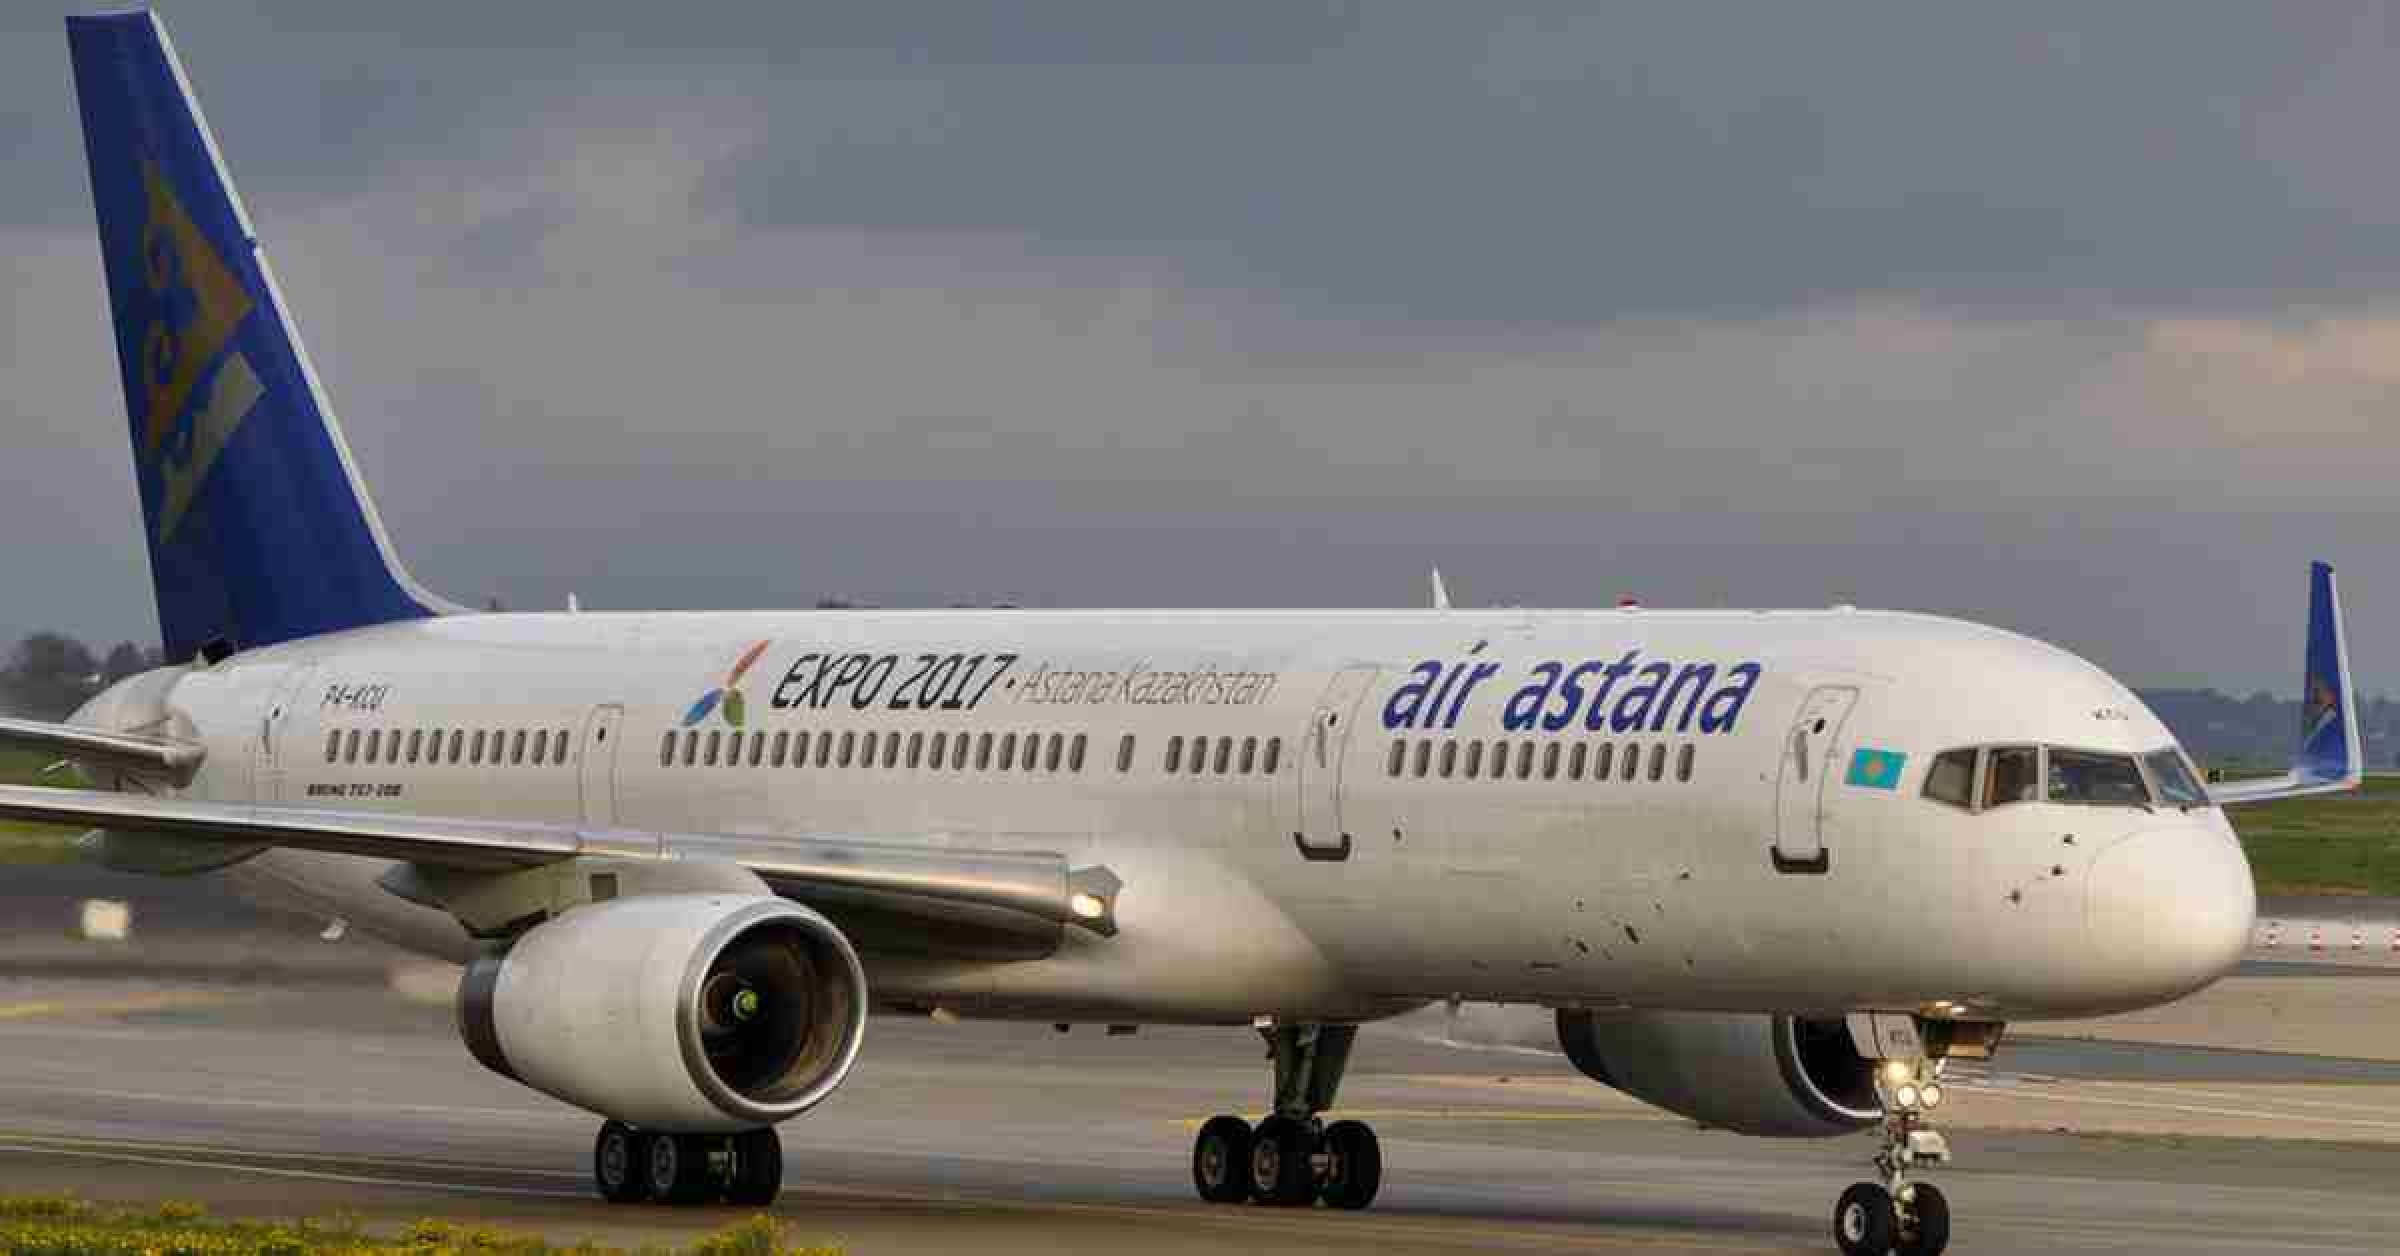 Казахстан возобновит авиасообщение с Египтом: дата